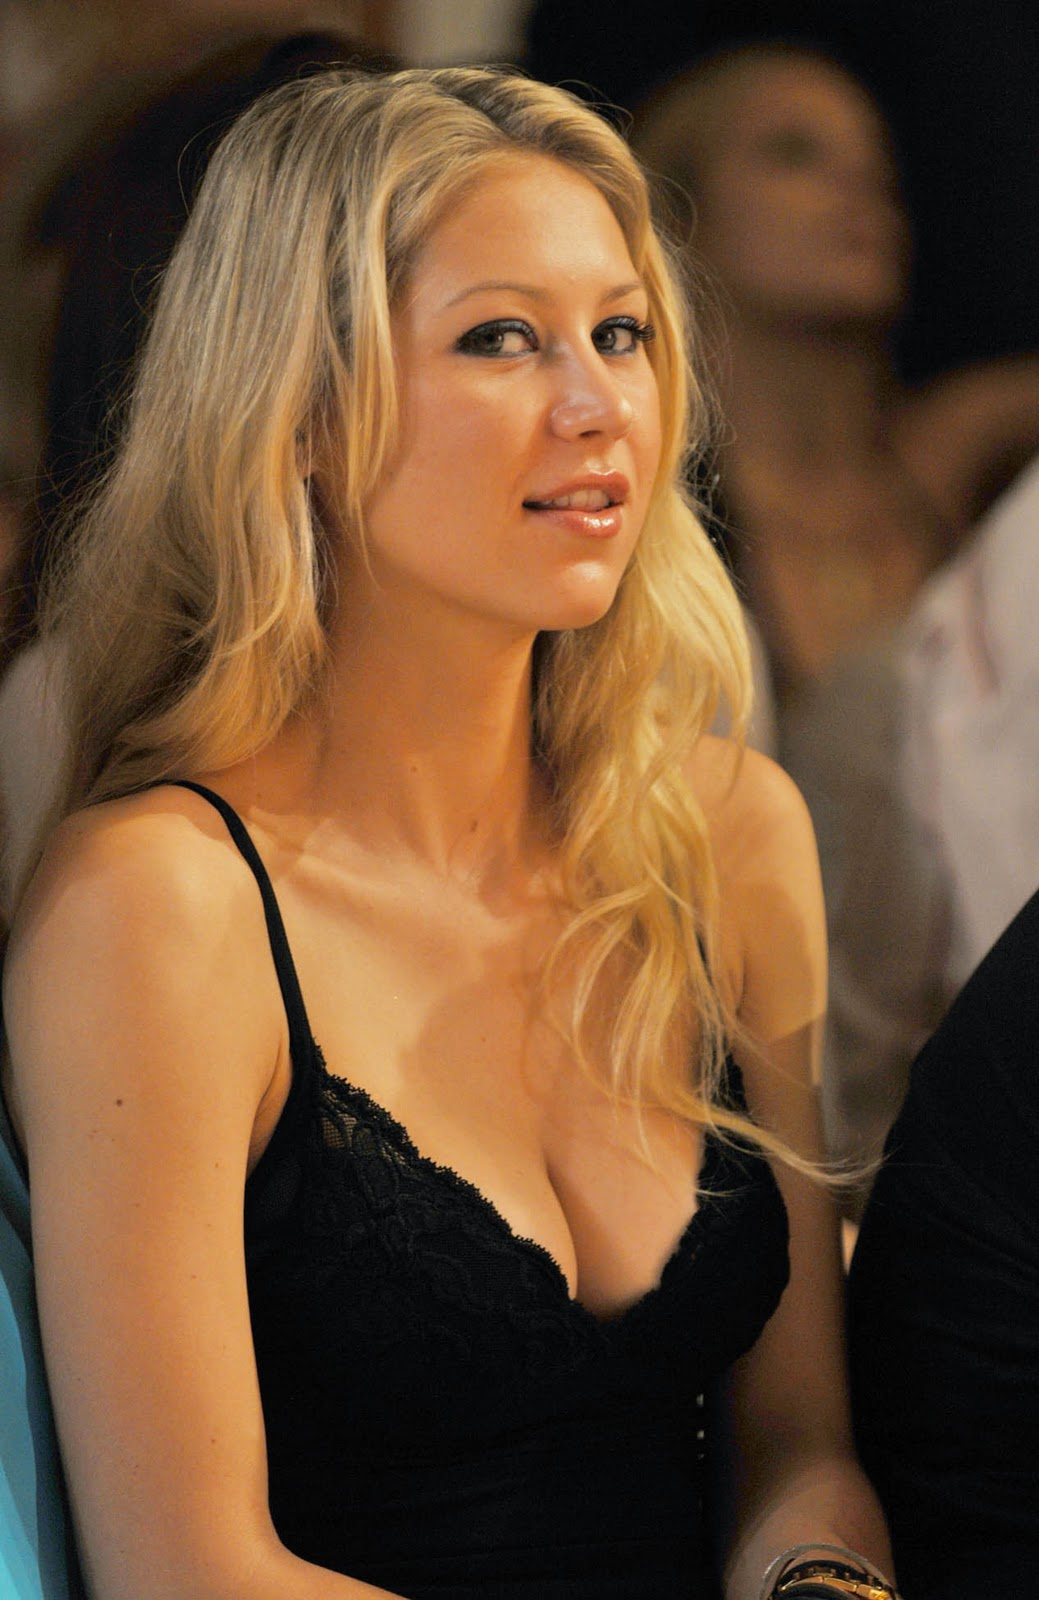 http://1.bp.blogspot.com/_8T7O1yy1VUo/S9uR-AFOTNI/AAAAAAAAAIo/O8Pou0vxaqs/s1600/anna+kournikova+-+cleavage.jpg